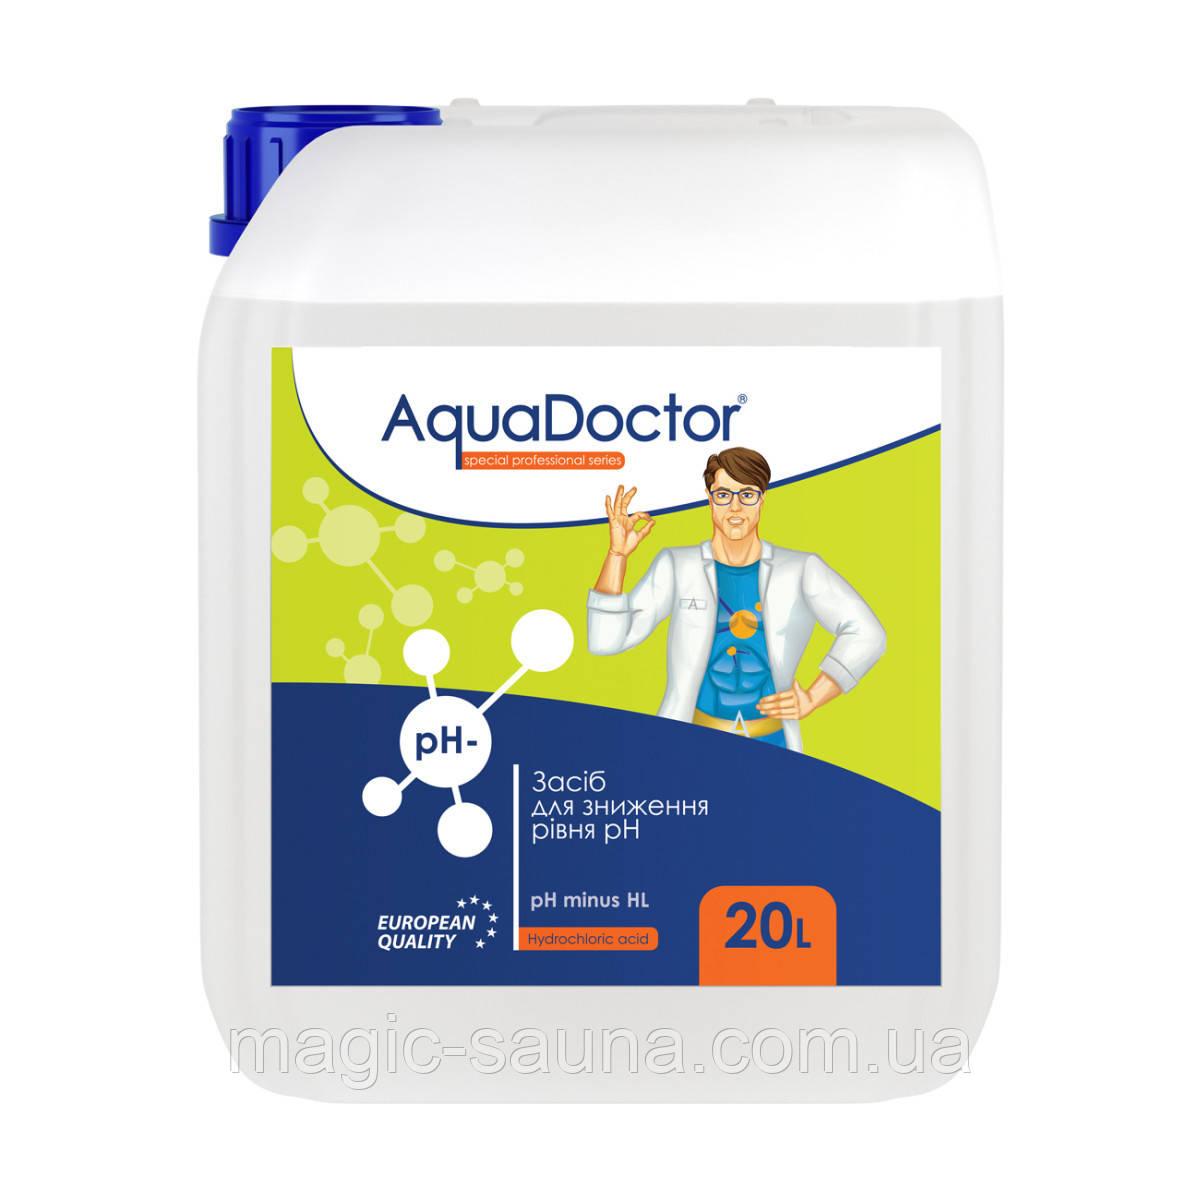 Жидкое средство для снижения pH AquaDoctor pH Minus HL (Соляная 14%) 20 л.